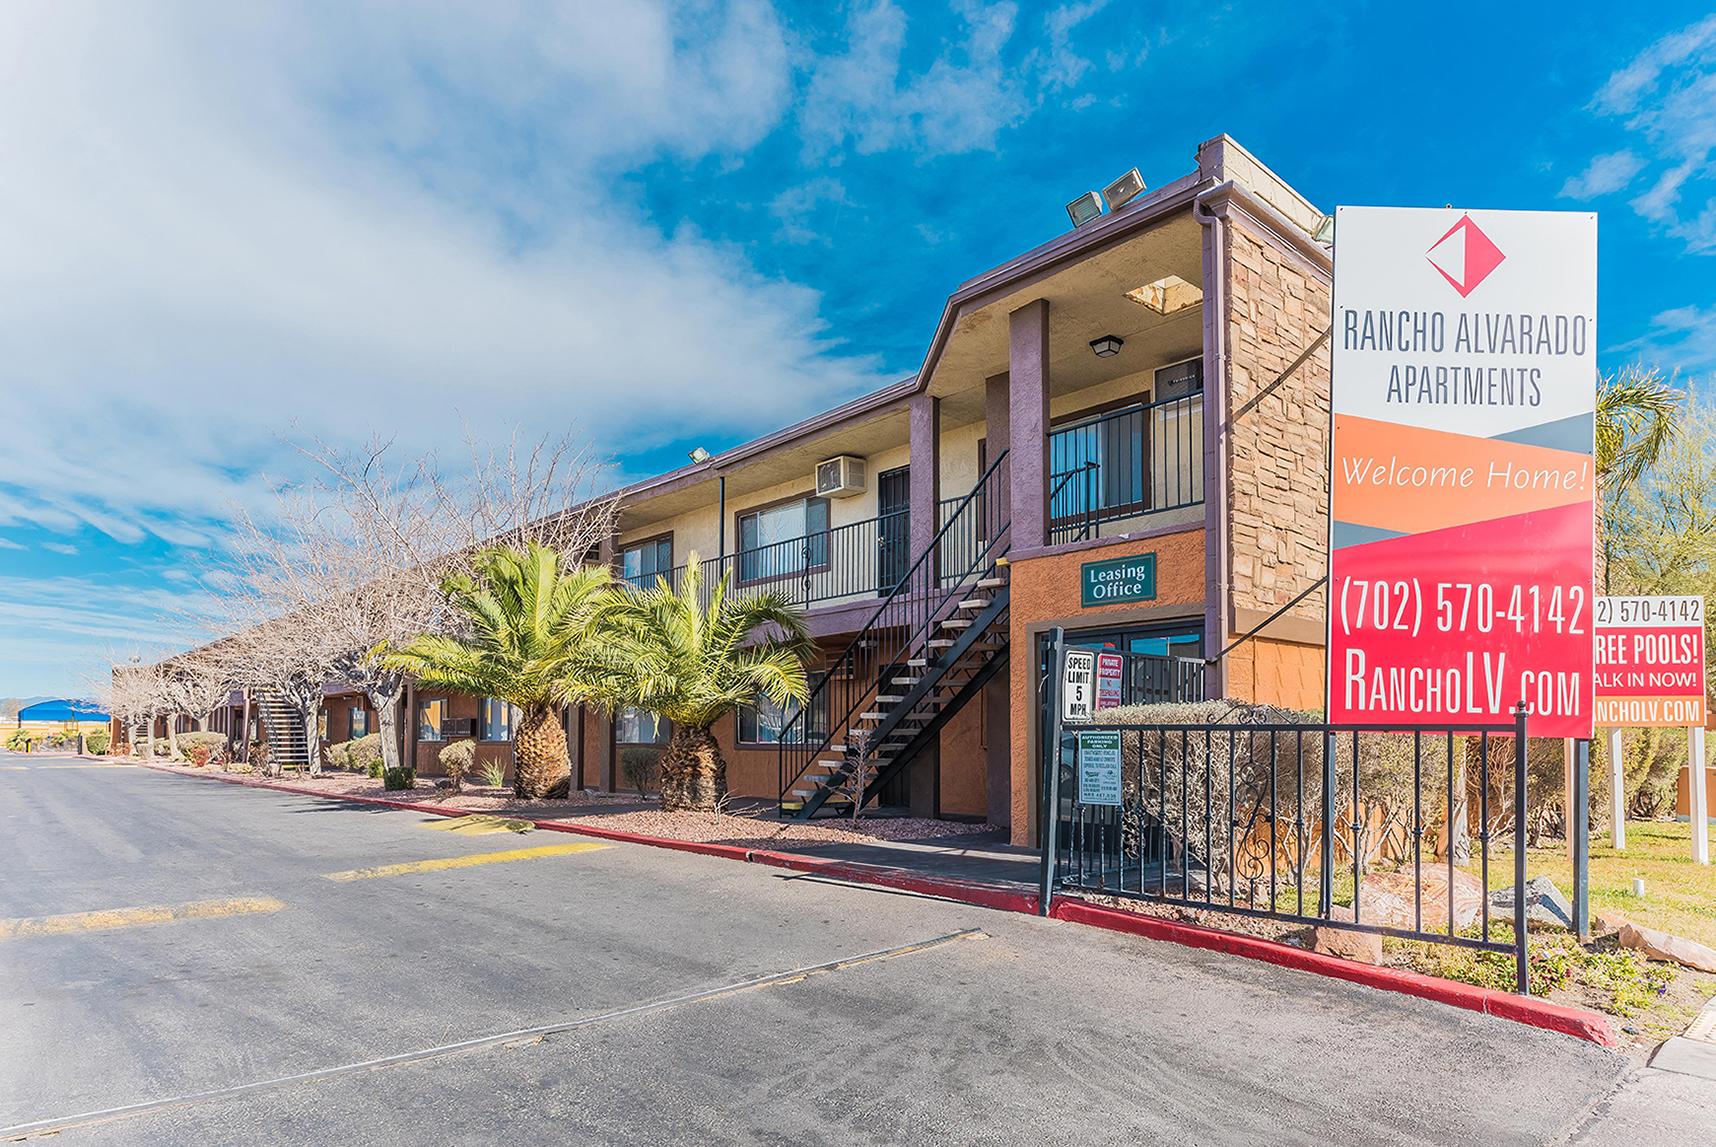 Rancho Alvarado Apartments rental